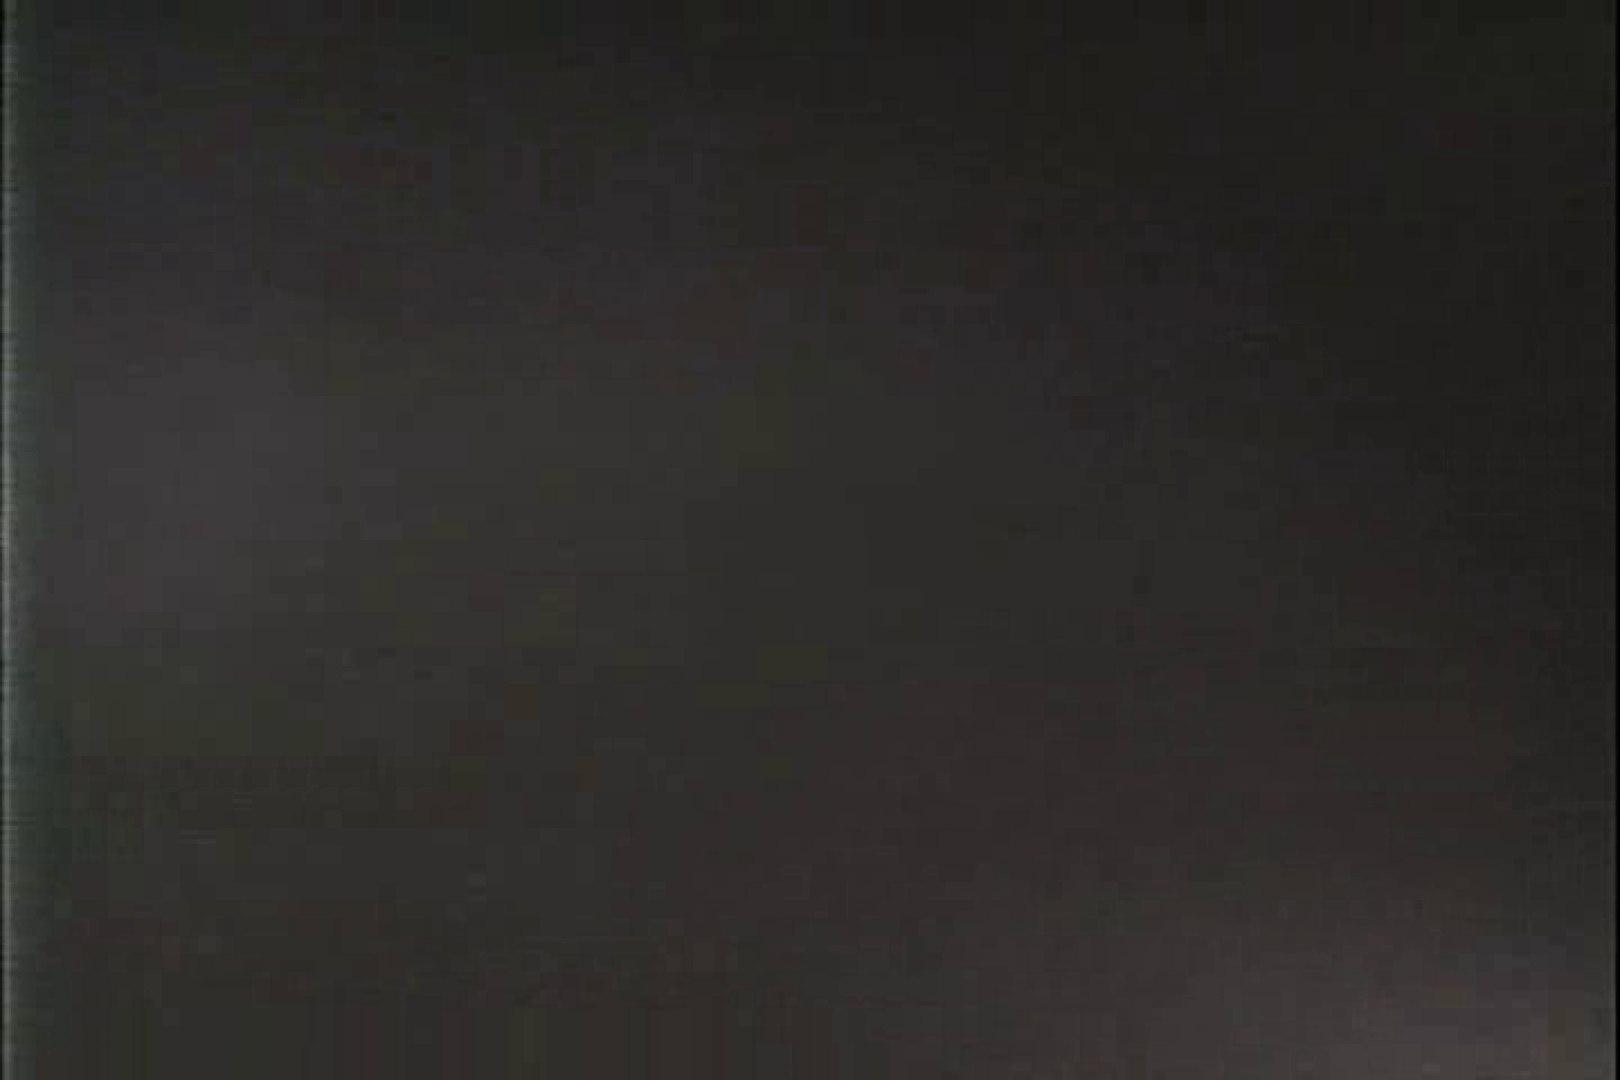 「ちくりん」さんのオリジナル未編集パンチラVol.4_02 新入生パンチラ | 現役ギャル  87pic 36